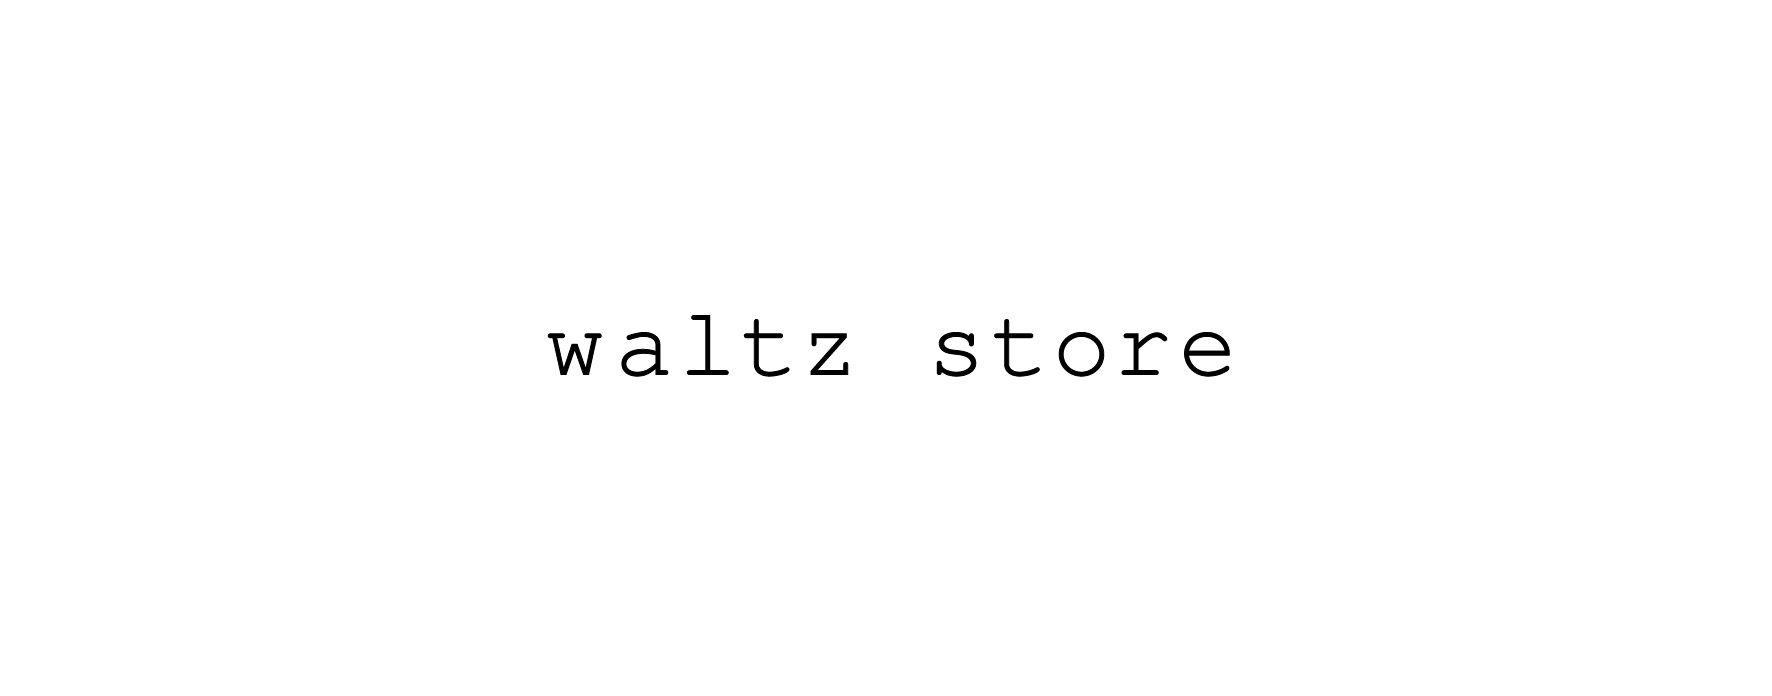 waltz store